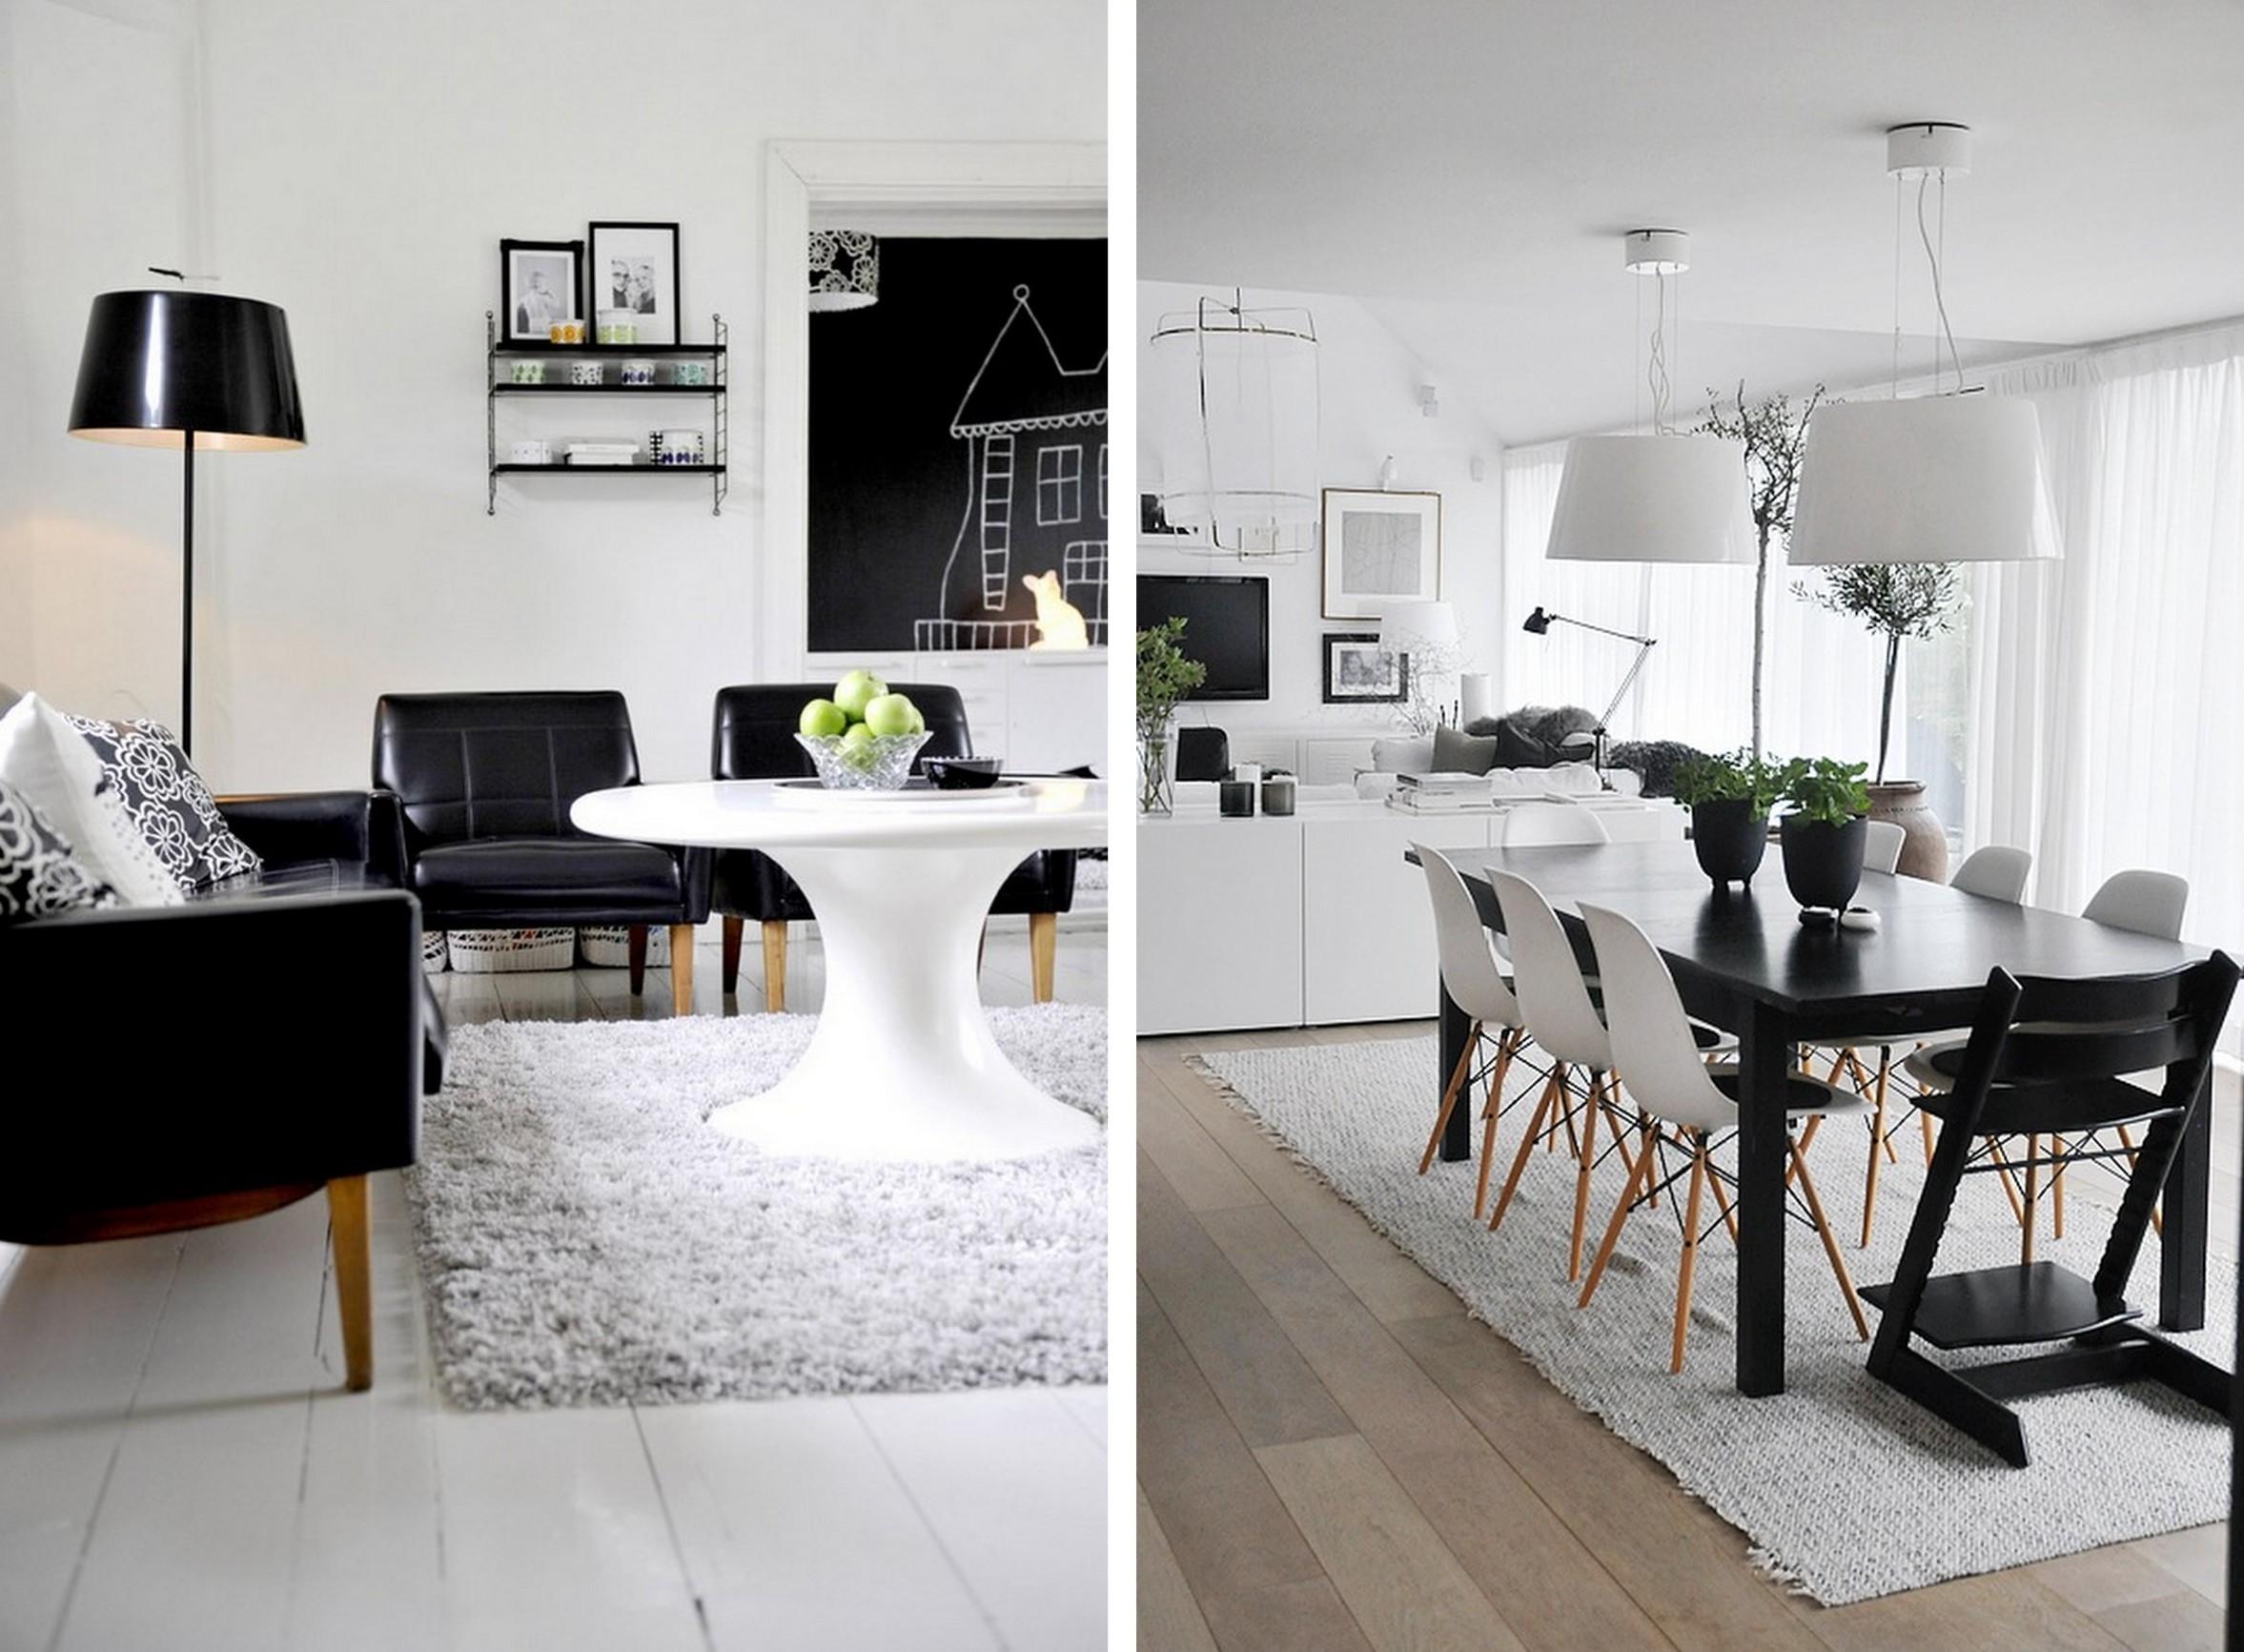 פינת אוכל בשחור-לבן וסלון עם לוח וגיר